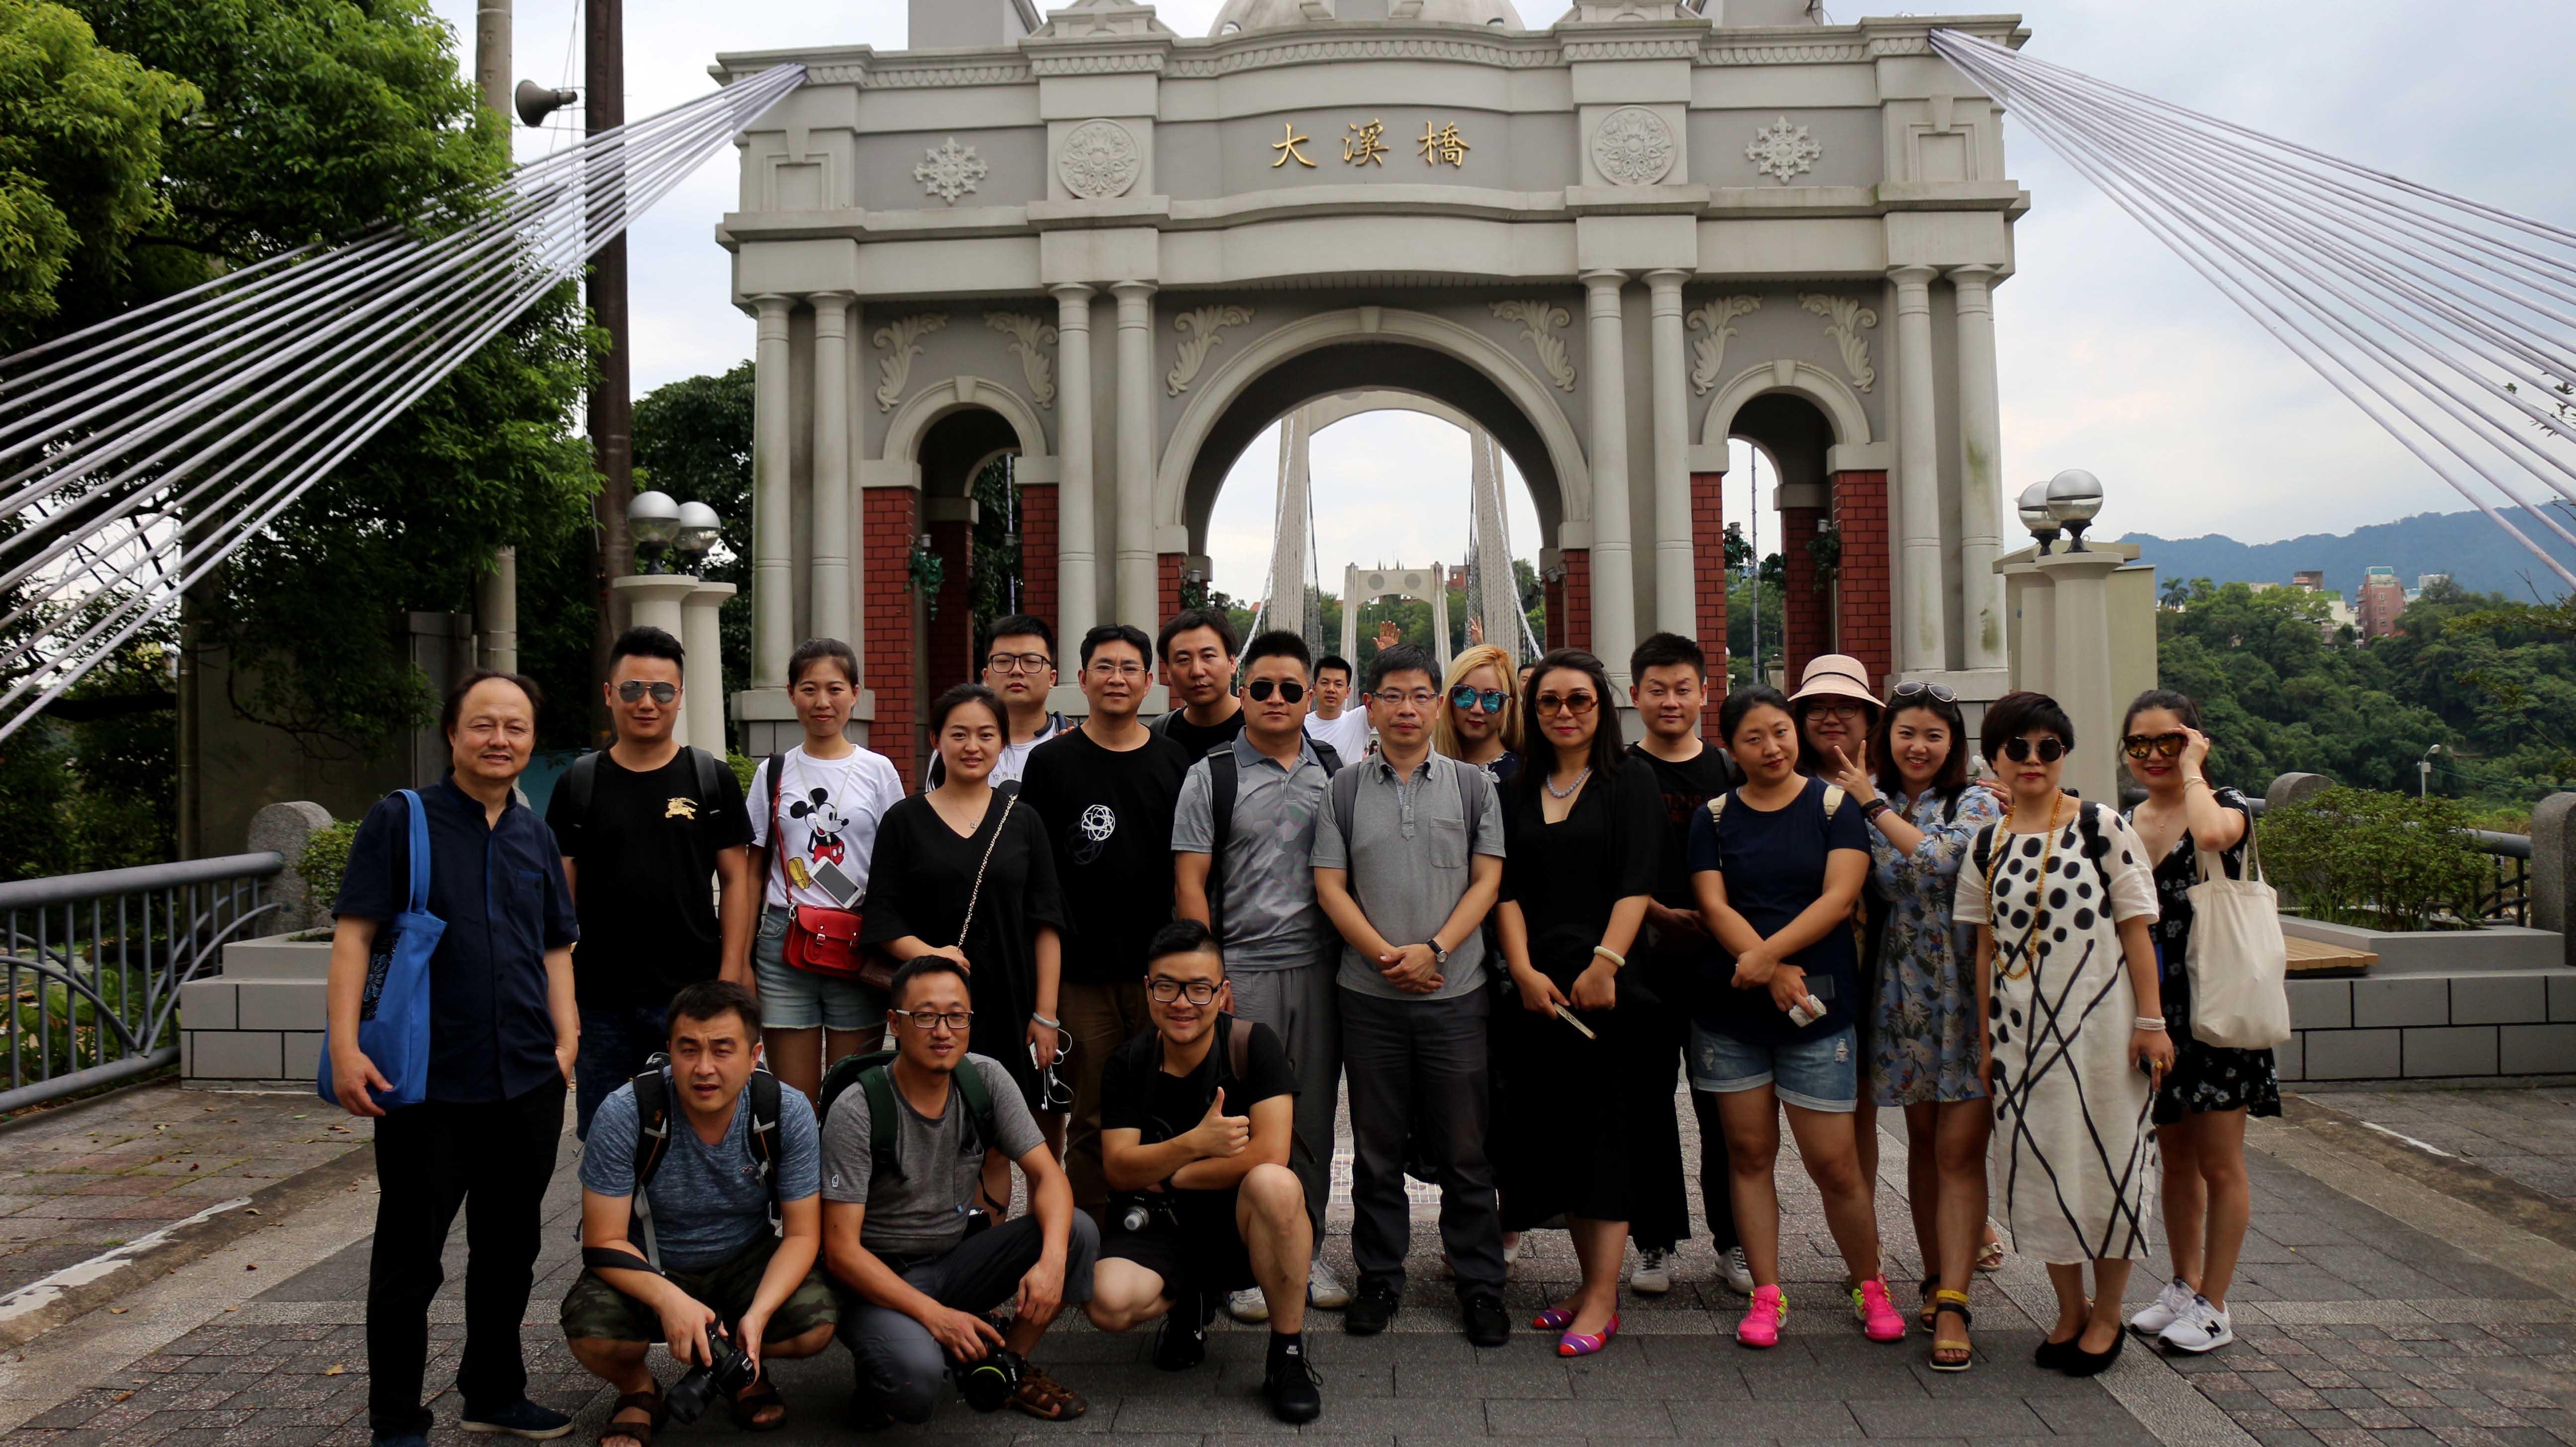 通稿照片-無論是特色小鎮或是博物館品牌建構,都能體驗臺灣人文之美與地方特色.jpg